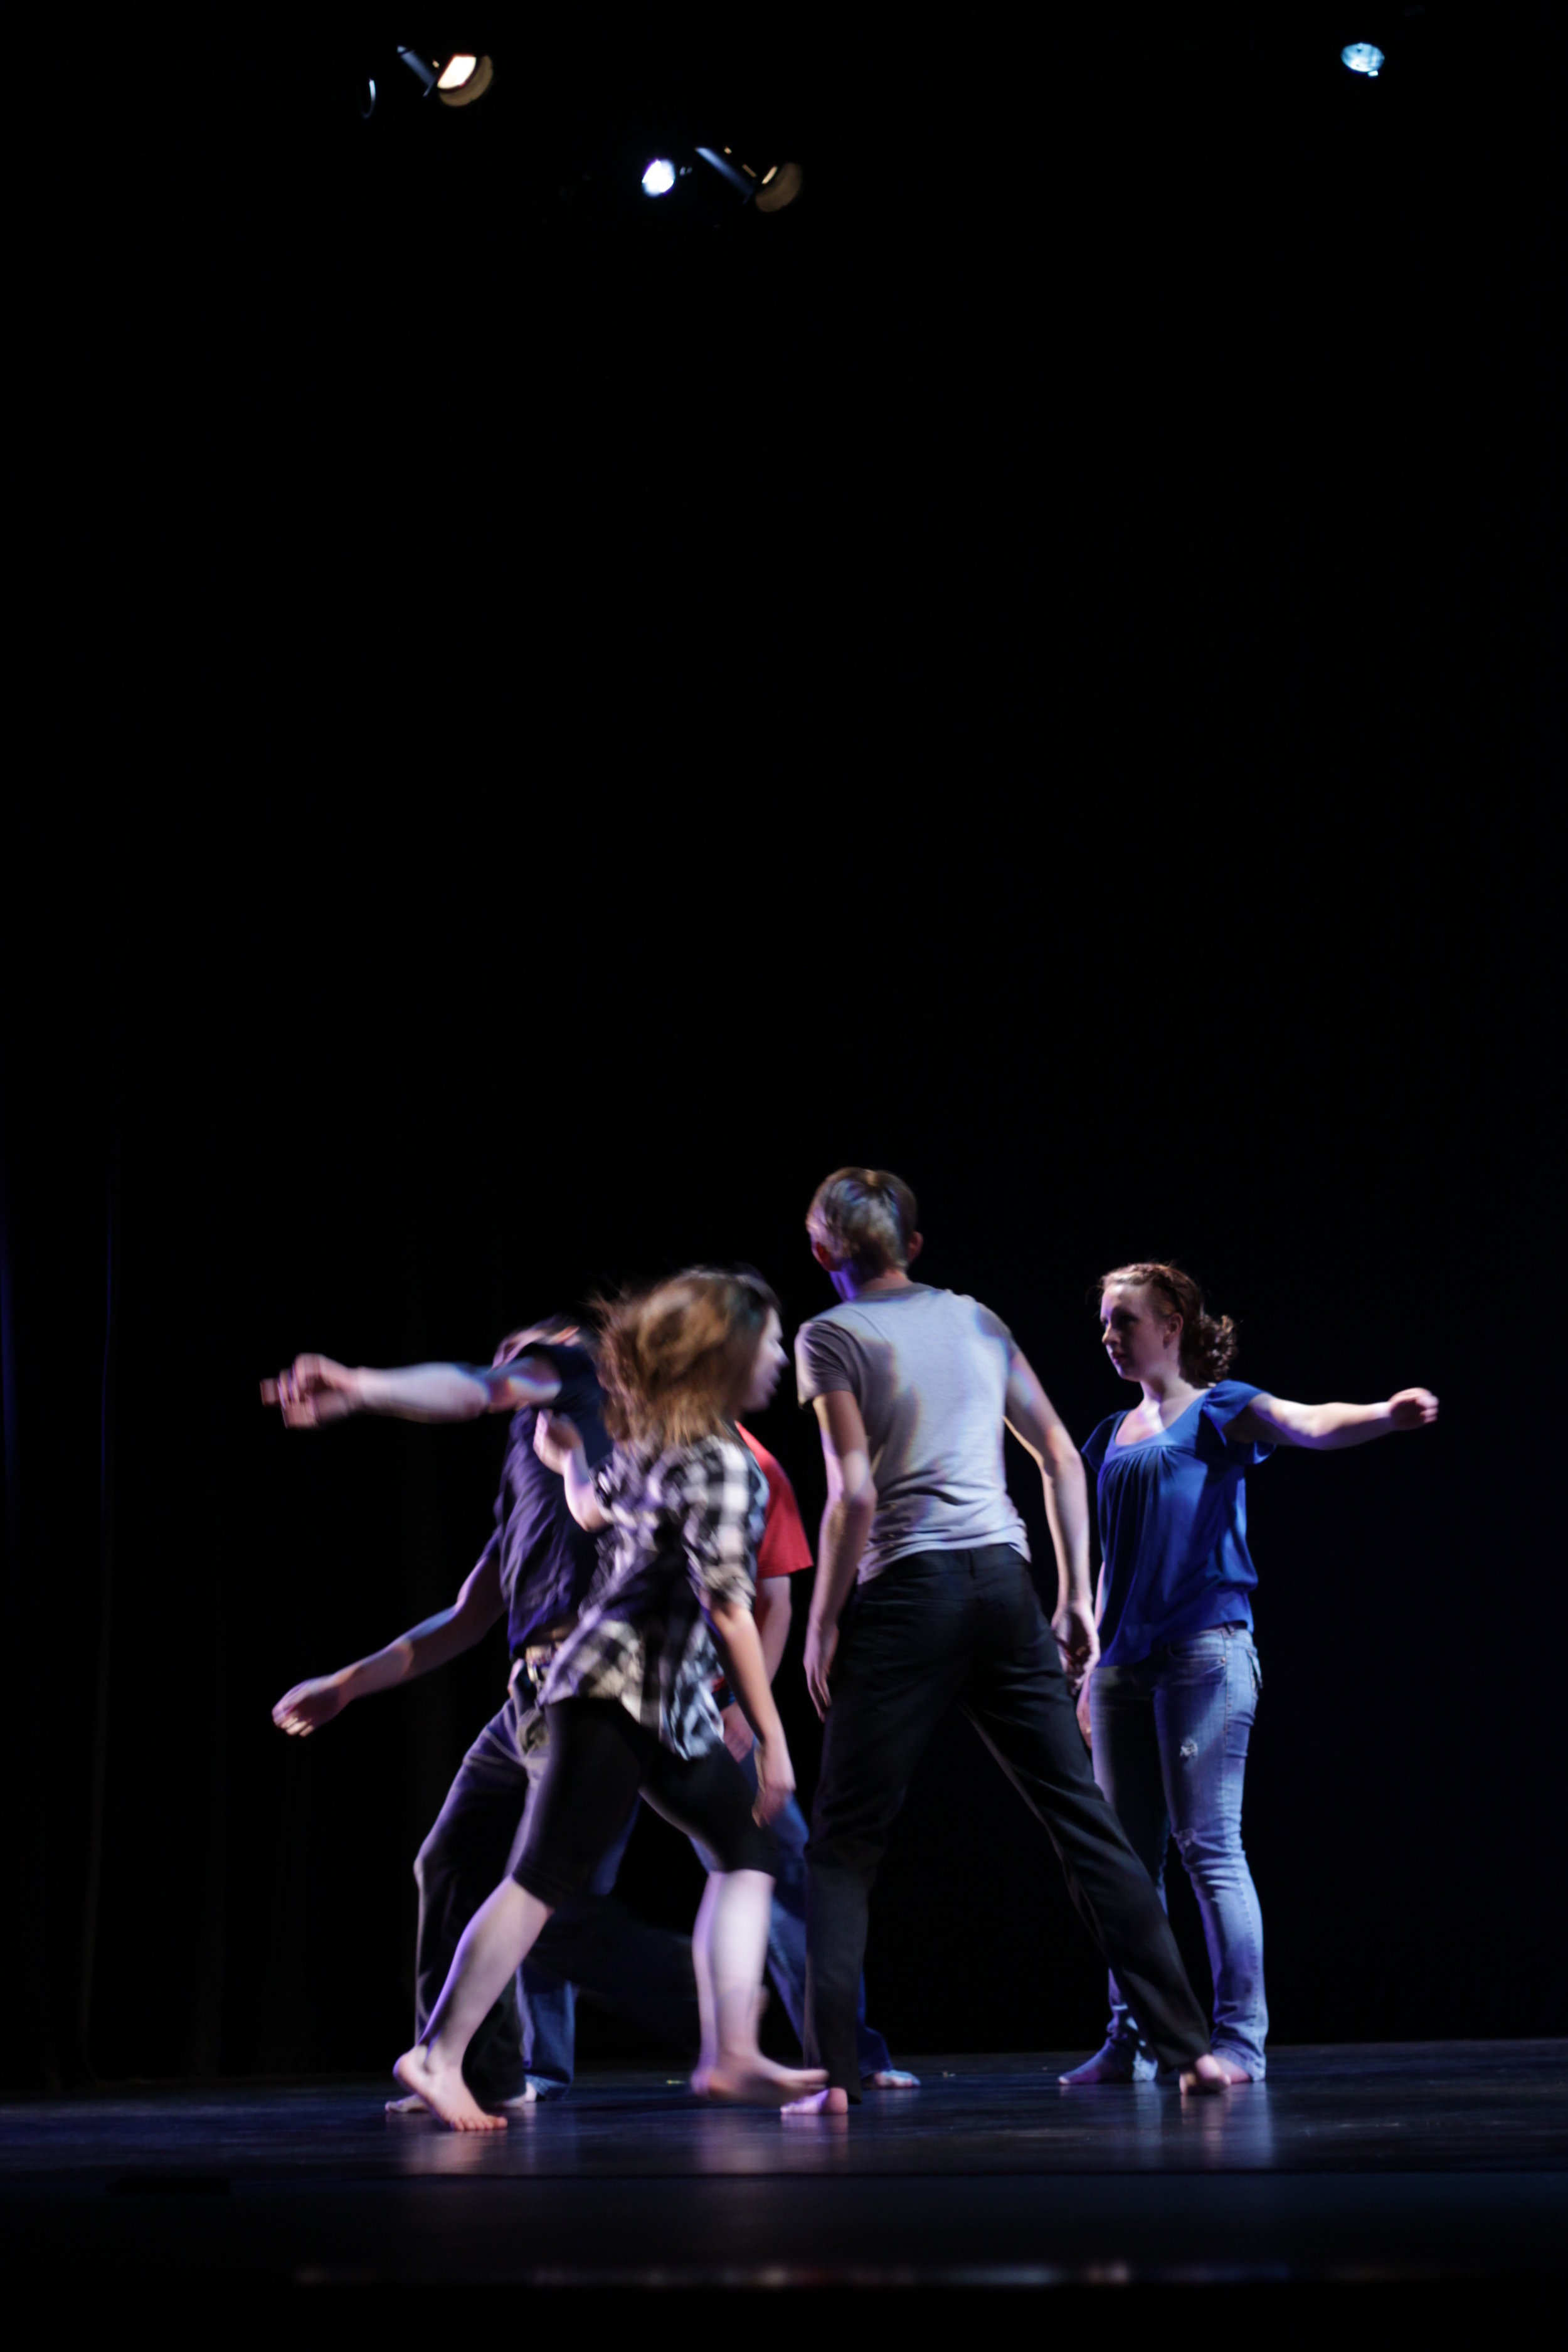 e pluribus unum? - Desert Dance Theatre